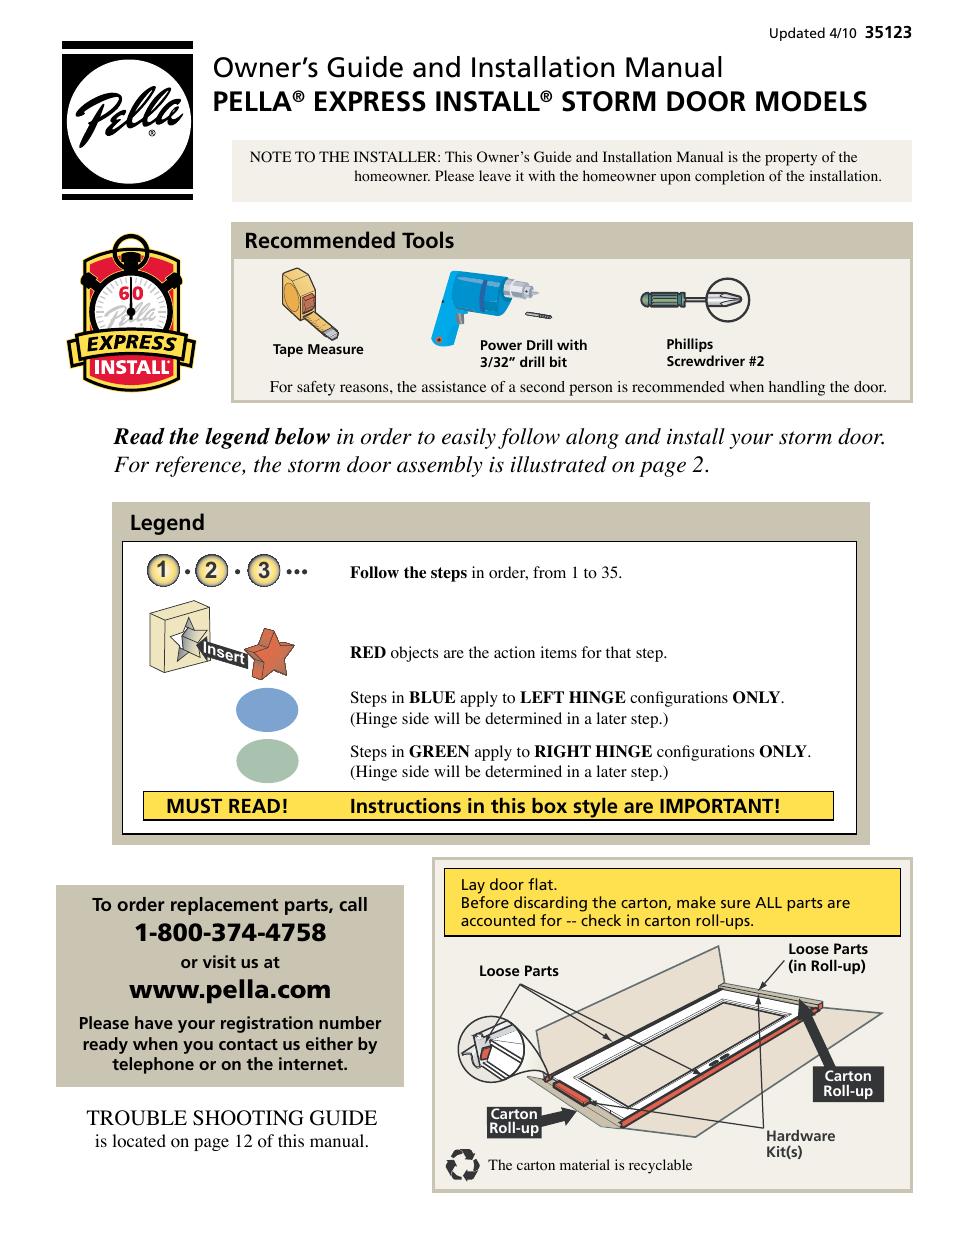 Pella Storm Door Models 35123 User Manual 12 Pages